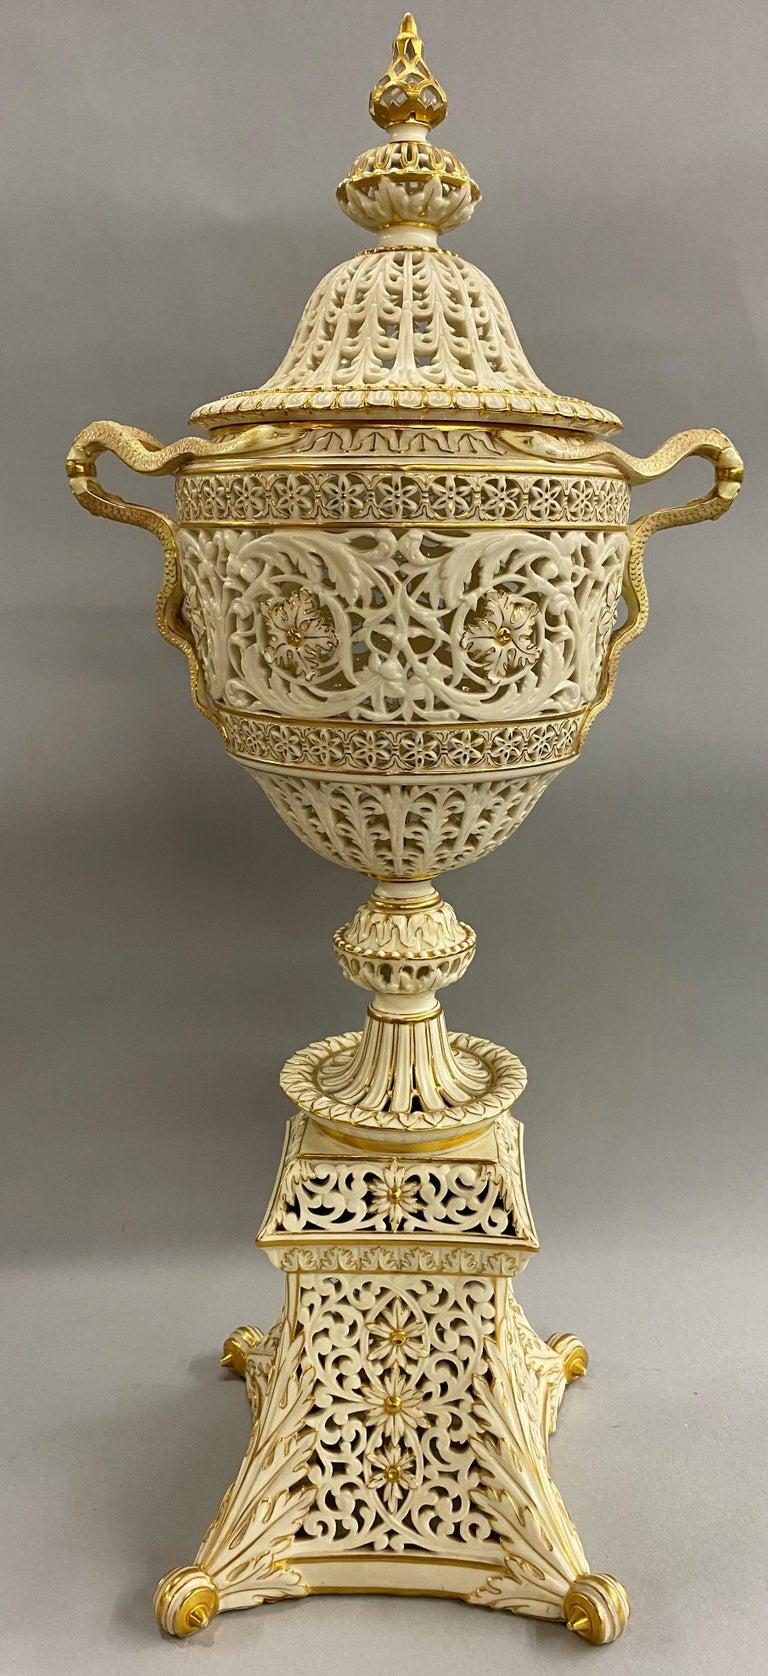 English Grainger Royal Worcester Gilt Ivory Porcelain Reticulated Urn For Sale 1